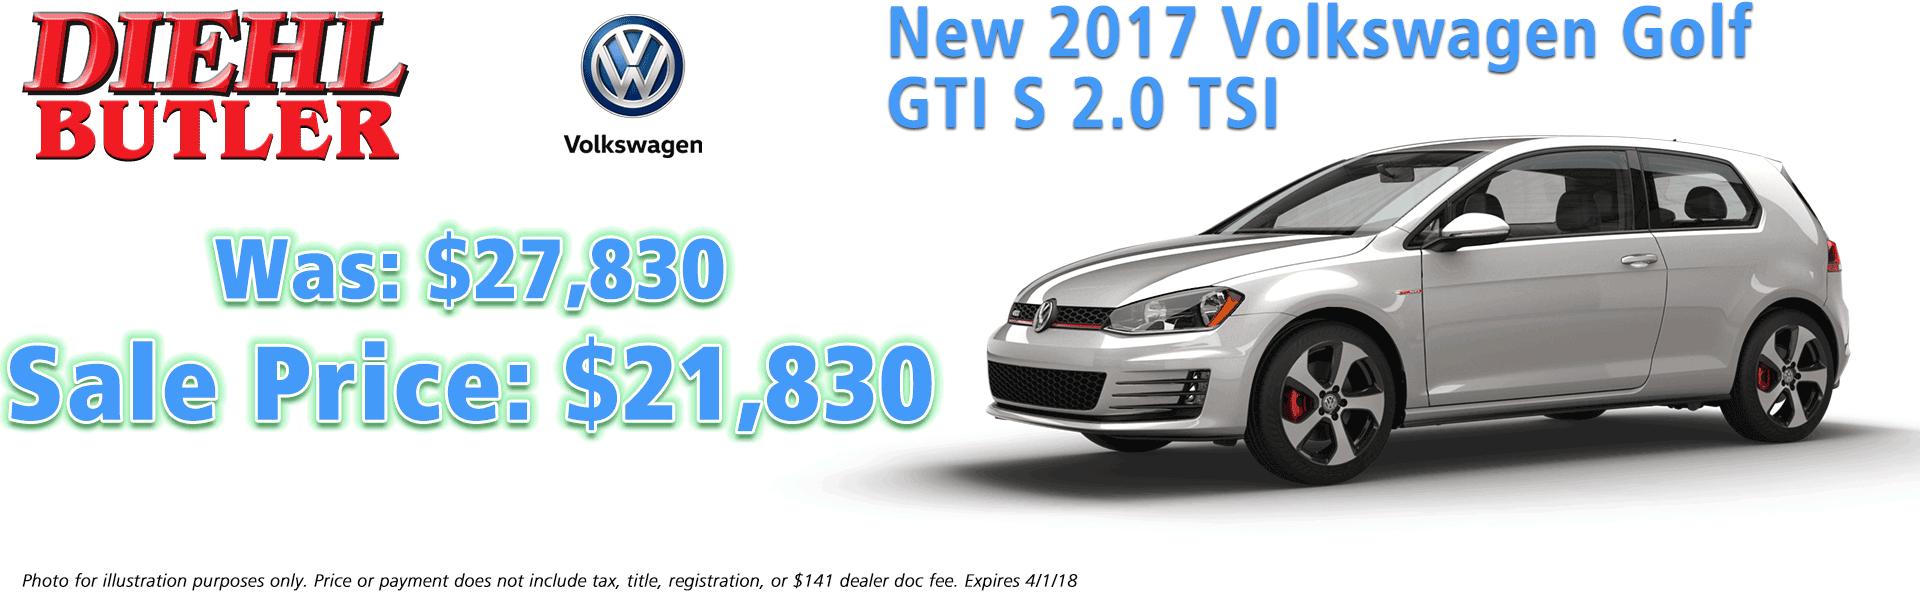 2017 volkswagen gti 2.0 tsi diehl volkswagen serving butler, mars, cranberry, pittsburgh